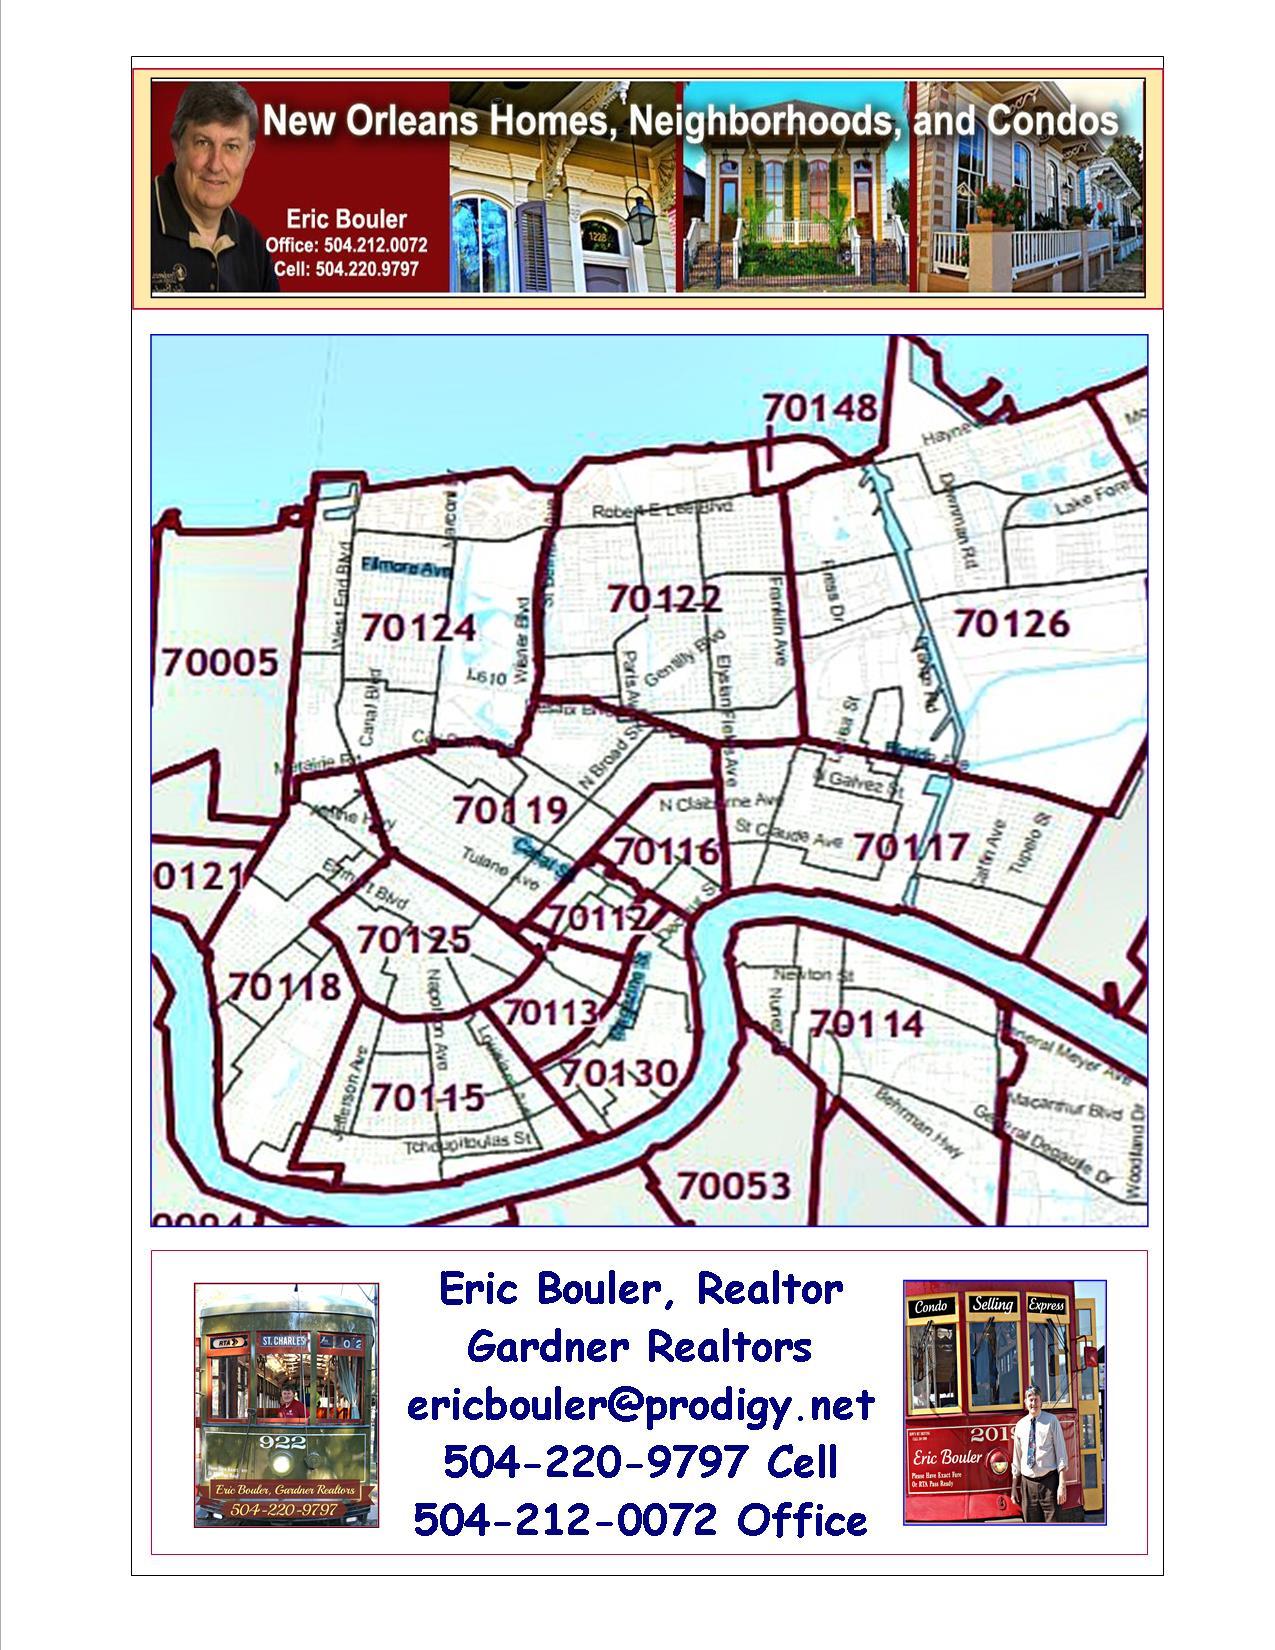 Map NOLA Zip Codes - Nola Neighborhoods Zip Code Map New Orleans on